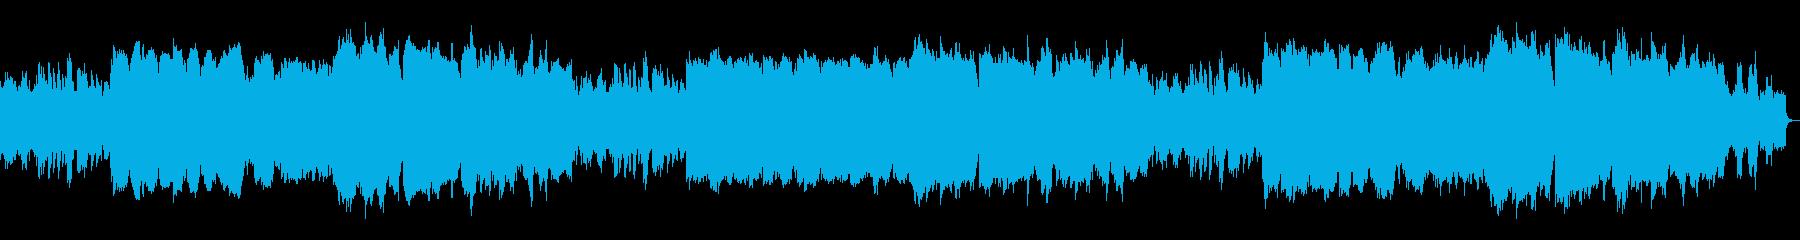 フルート、ピアノ中心の優しい子守唄ワルツの再生済みの波形